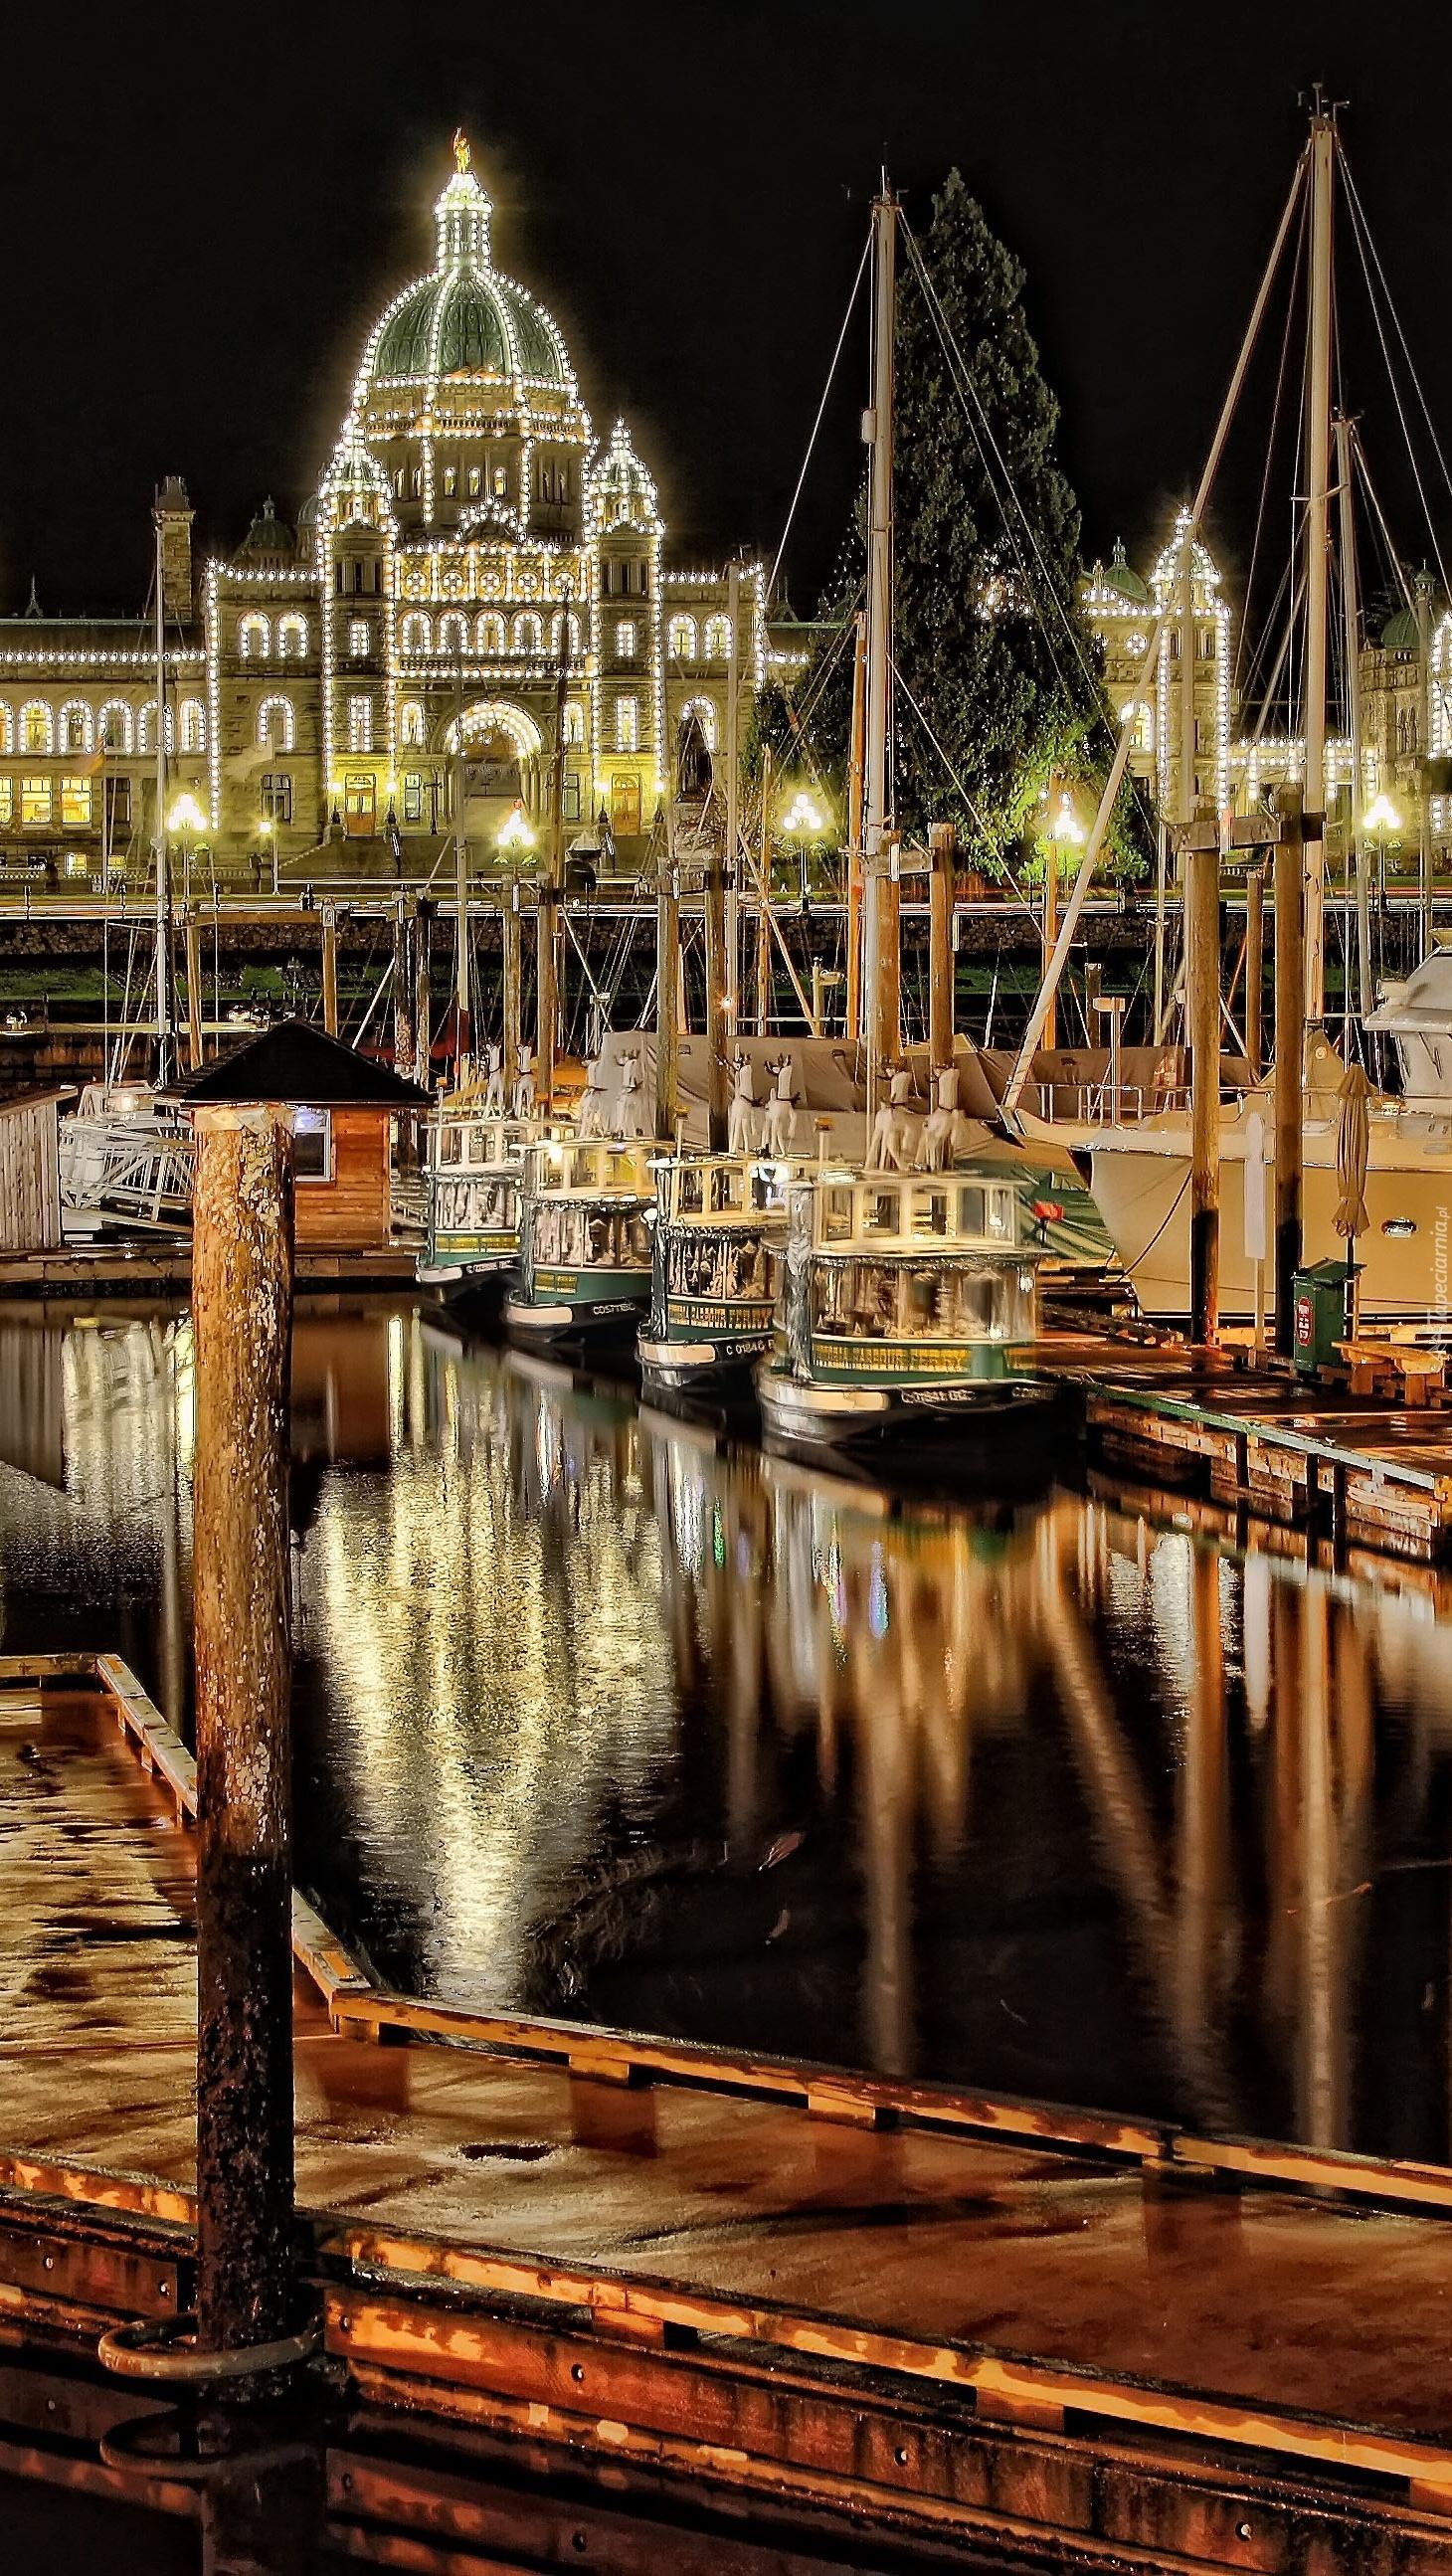 Przystań z żaglówkami i jachtami